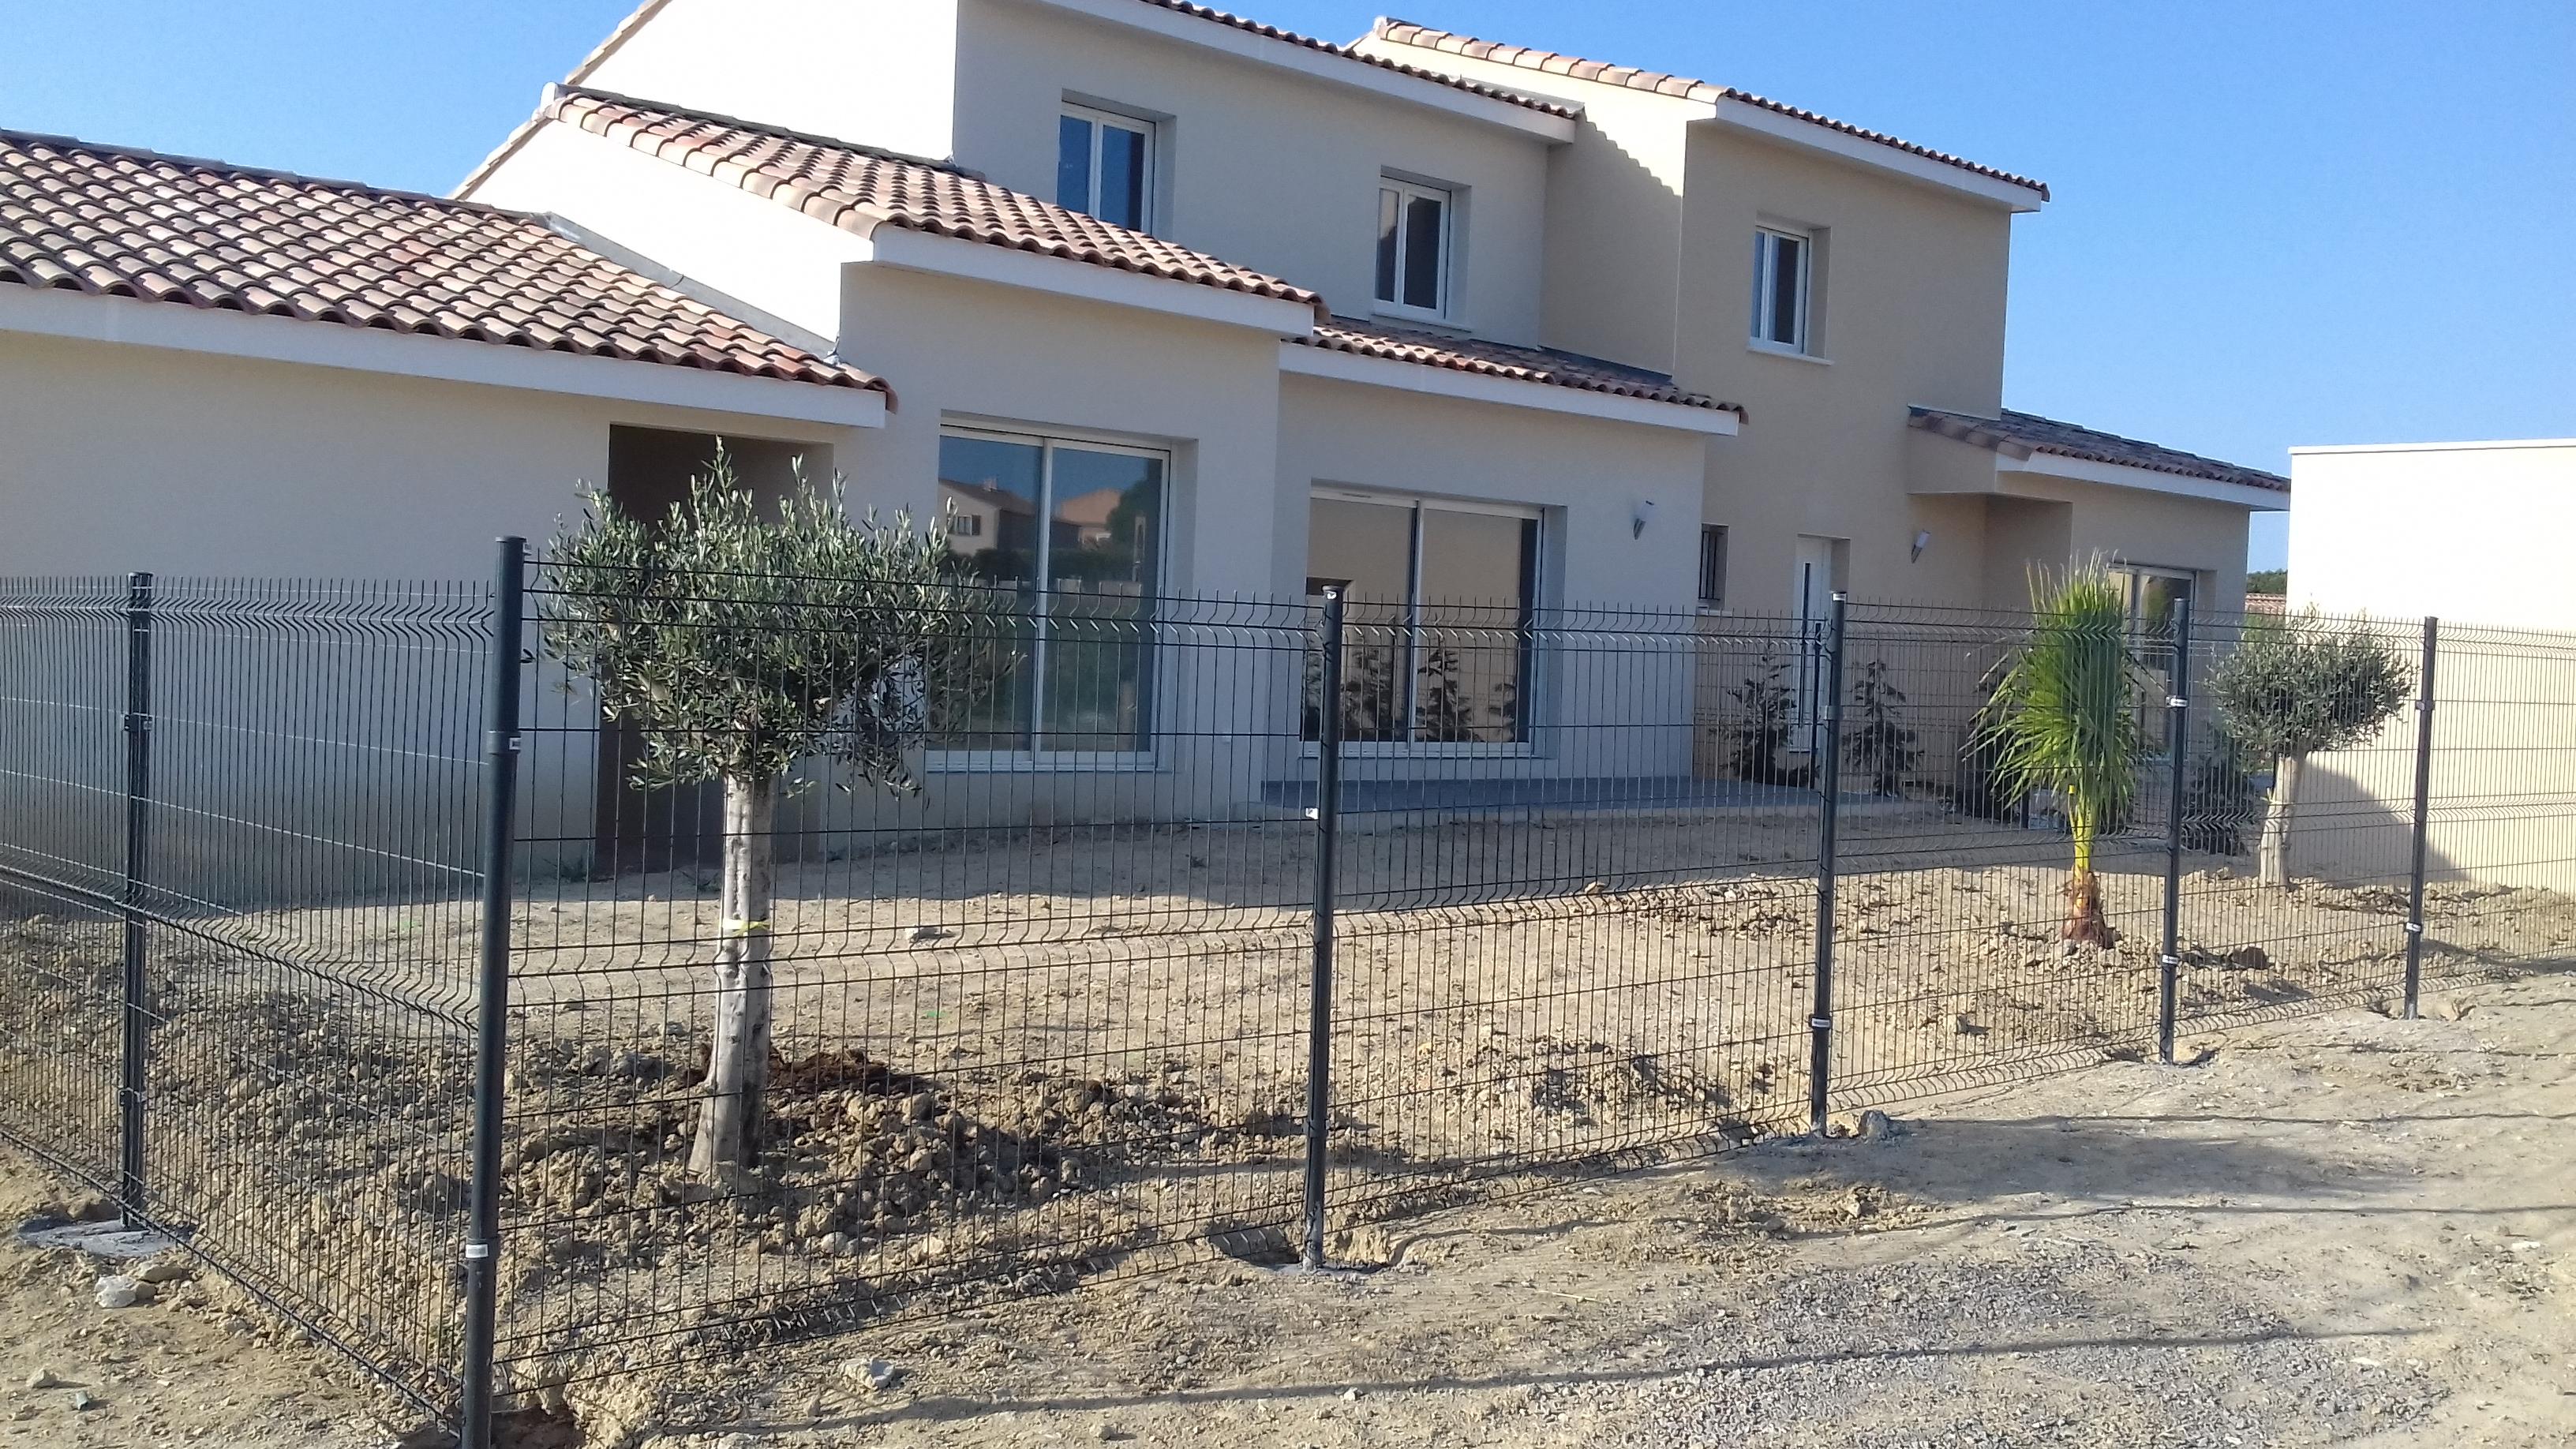 Maisons + Terrains du constructeur MA VILLA 34 - IMMO BAT • 70 m² • SAINT THIBERY